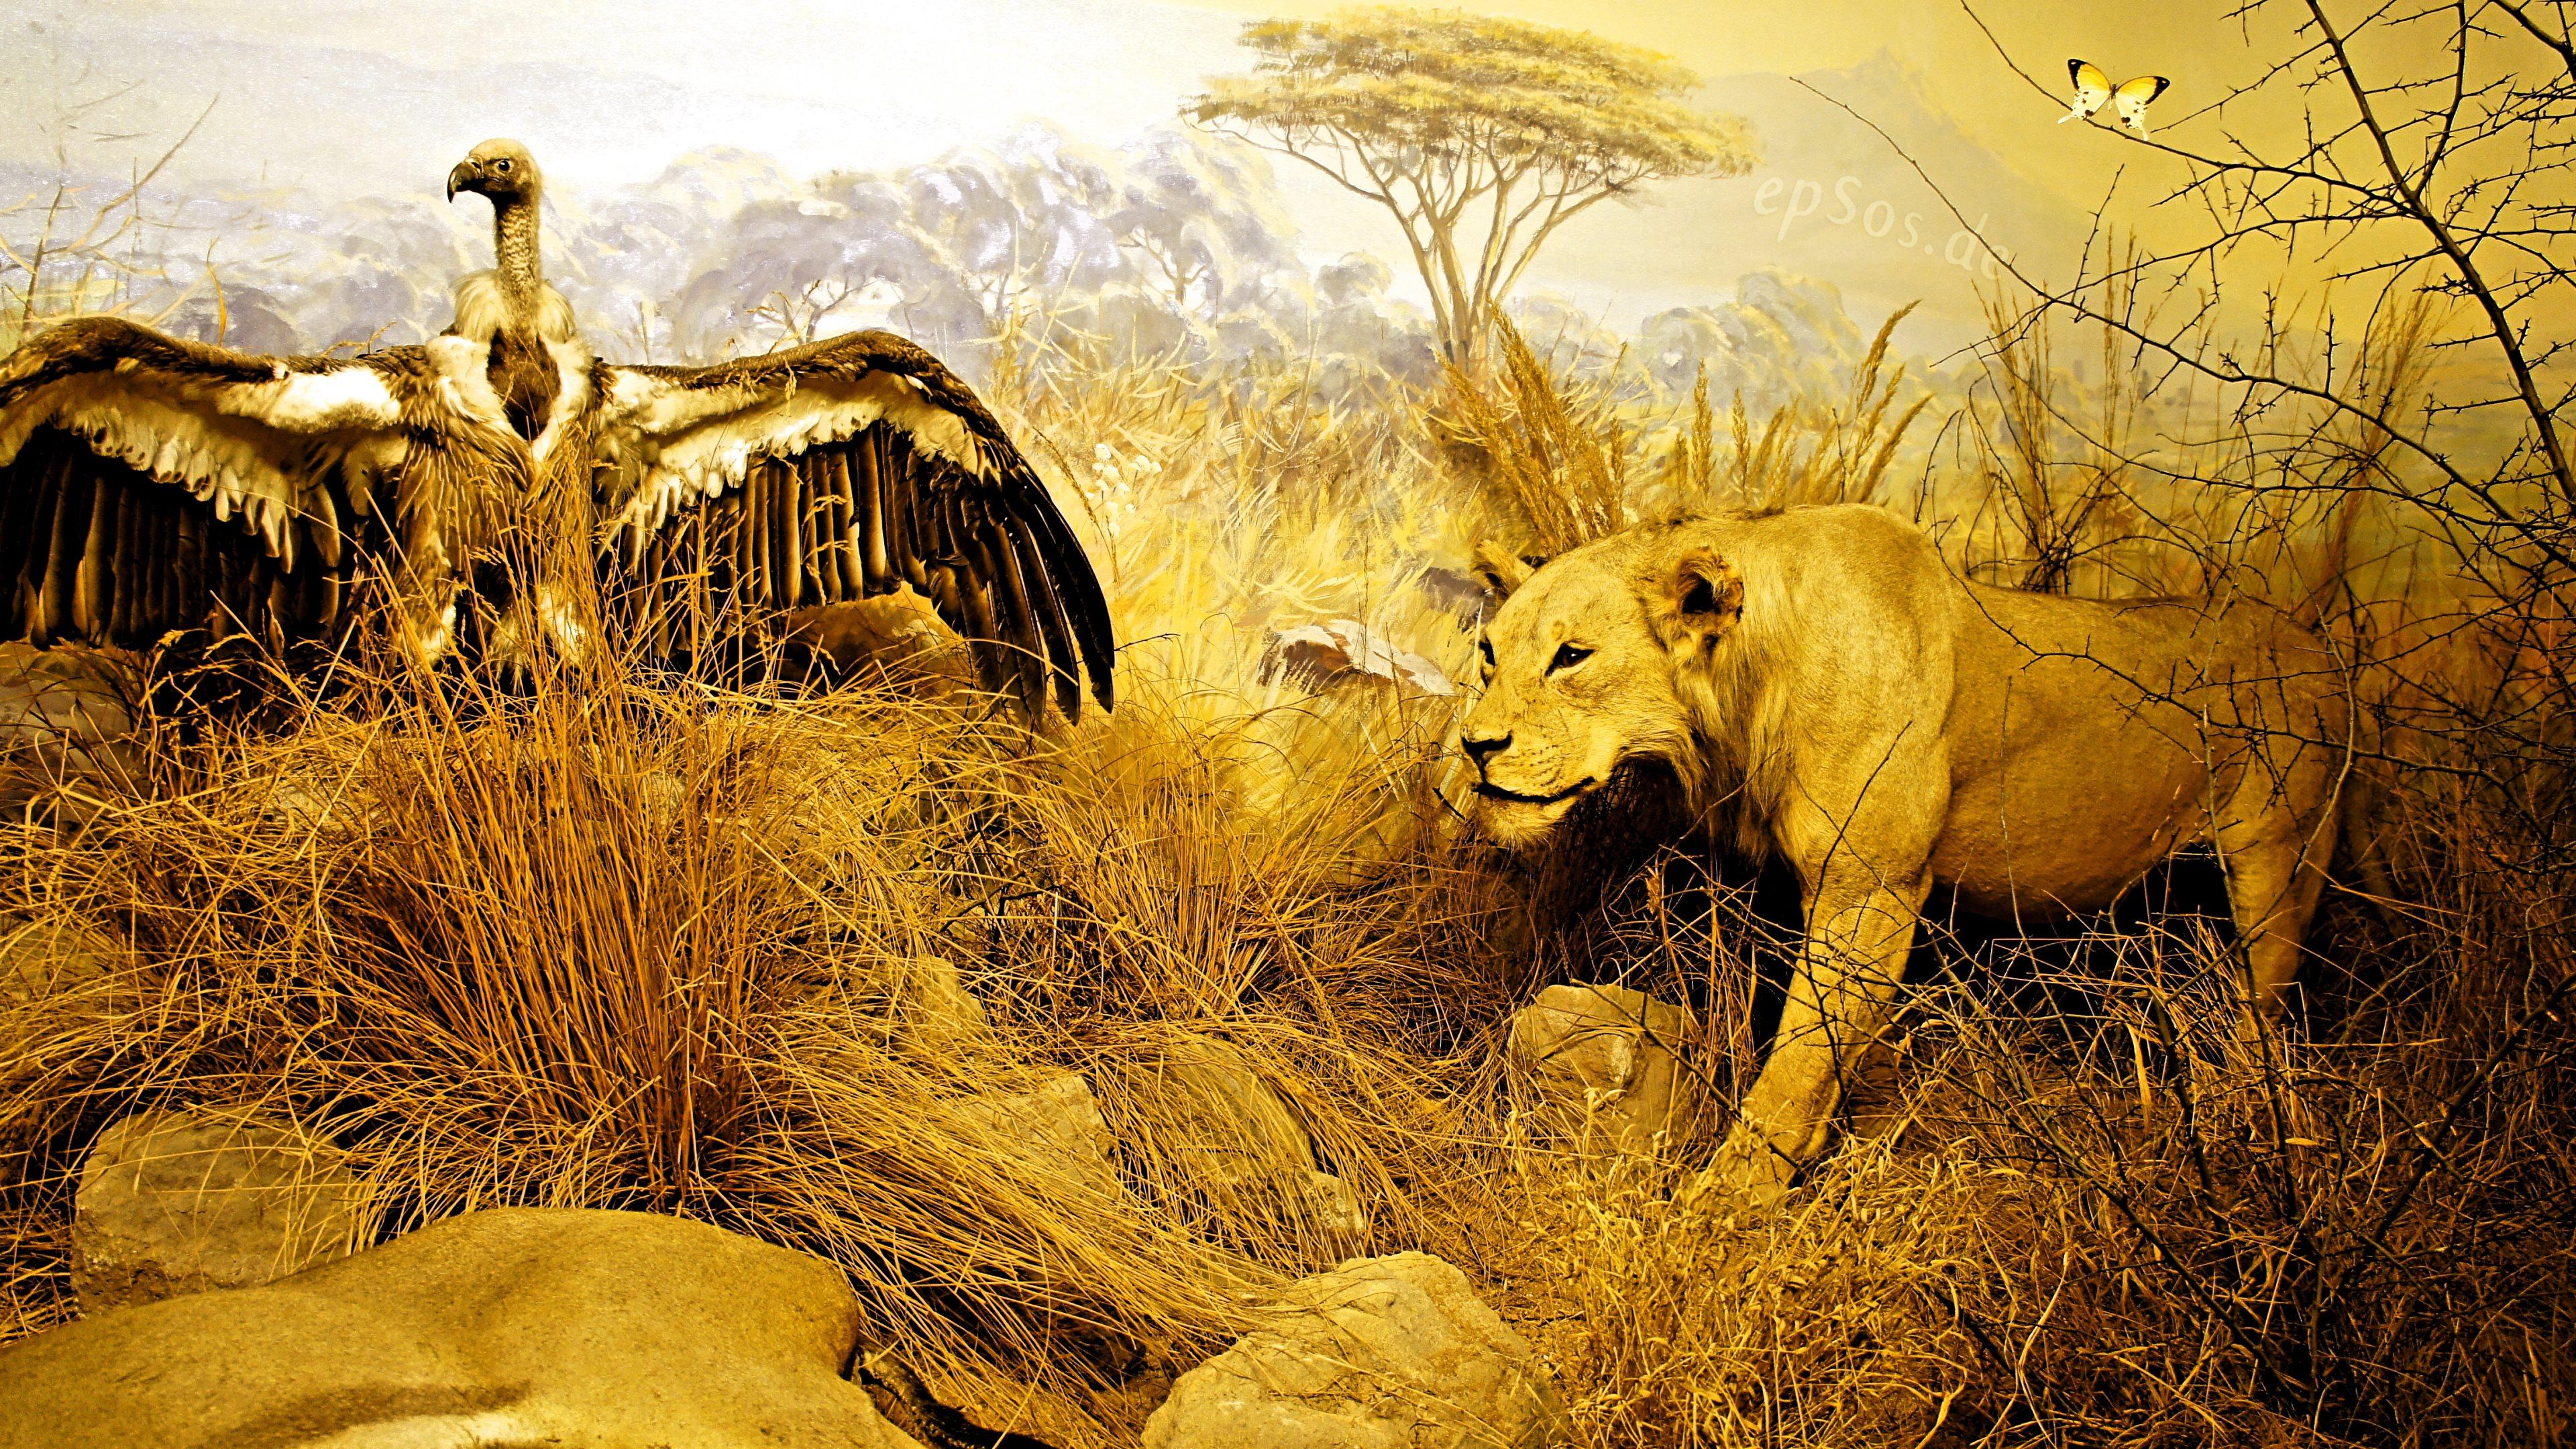 African Safari Wallpaper Wallpapersafari